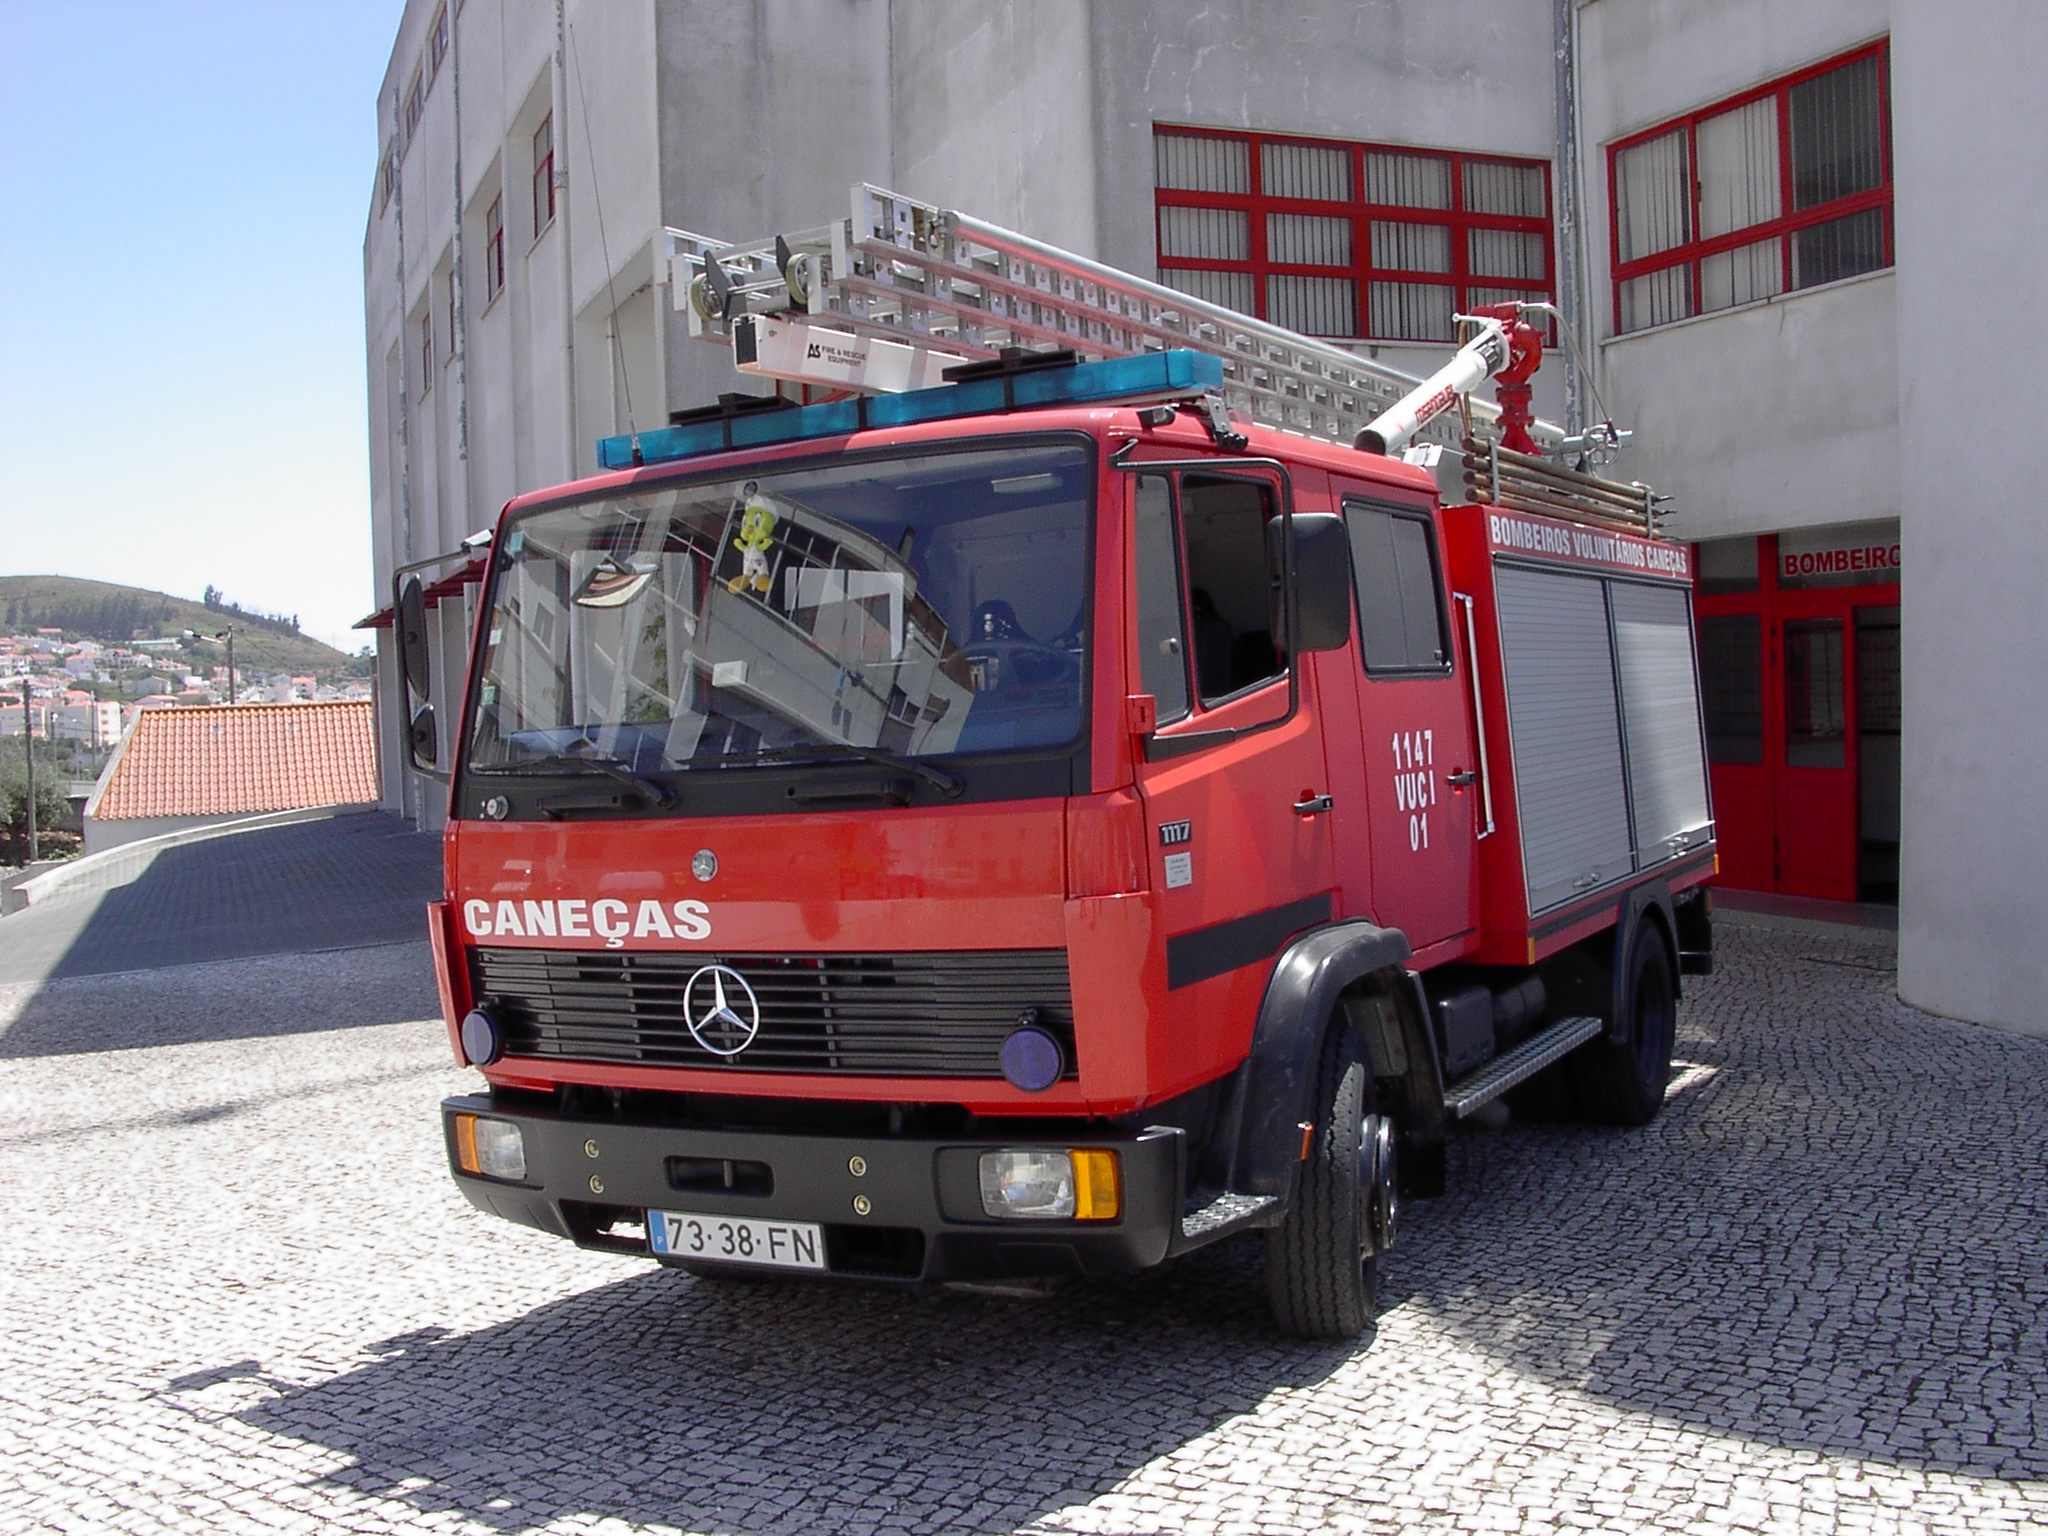 bombeiros odivelas convivio lisboa